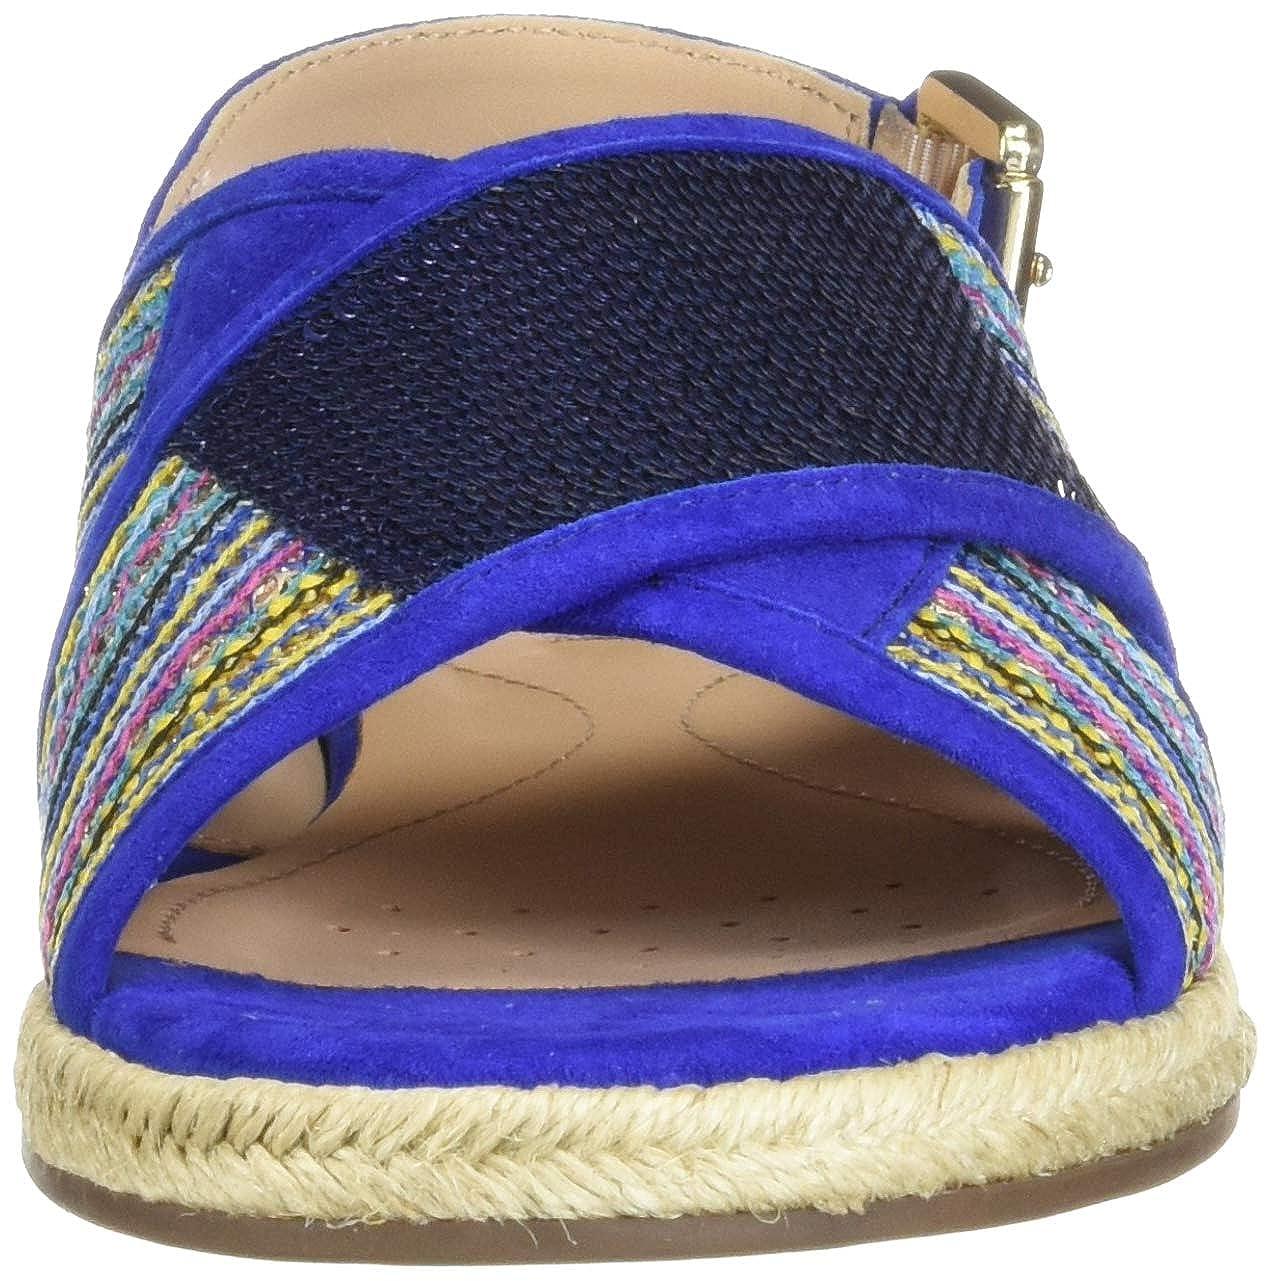 Geox kolleen sandalo donna traspirante stile etnico d925sc